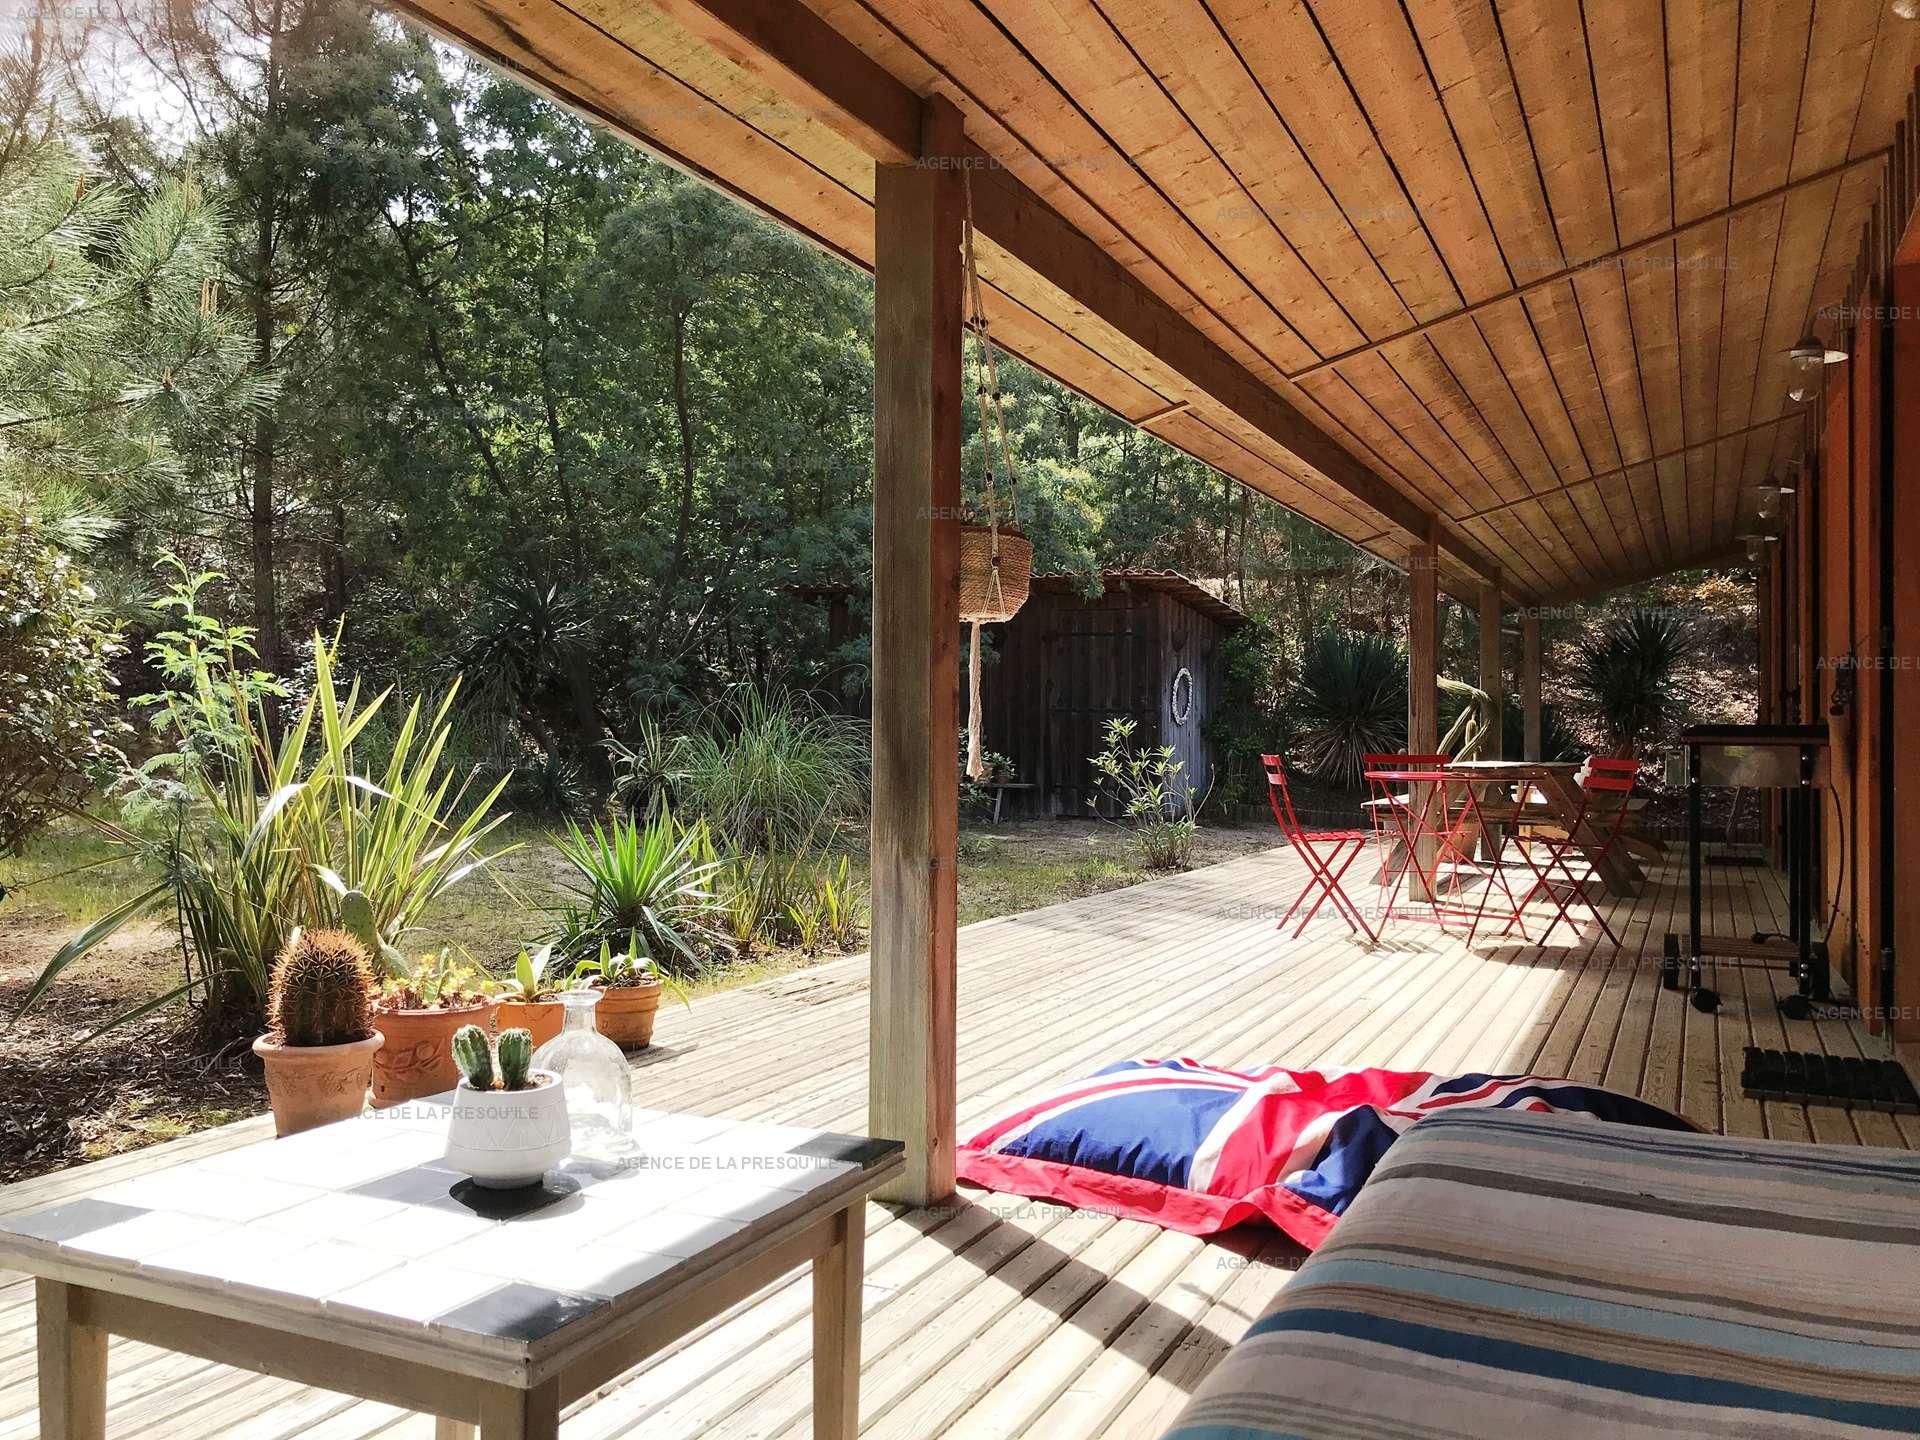 Location: Entre bassin et océan – agréable villa bois située au calme 2